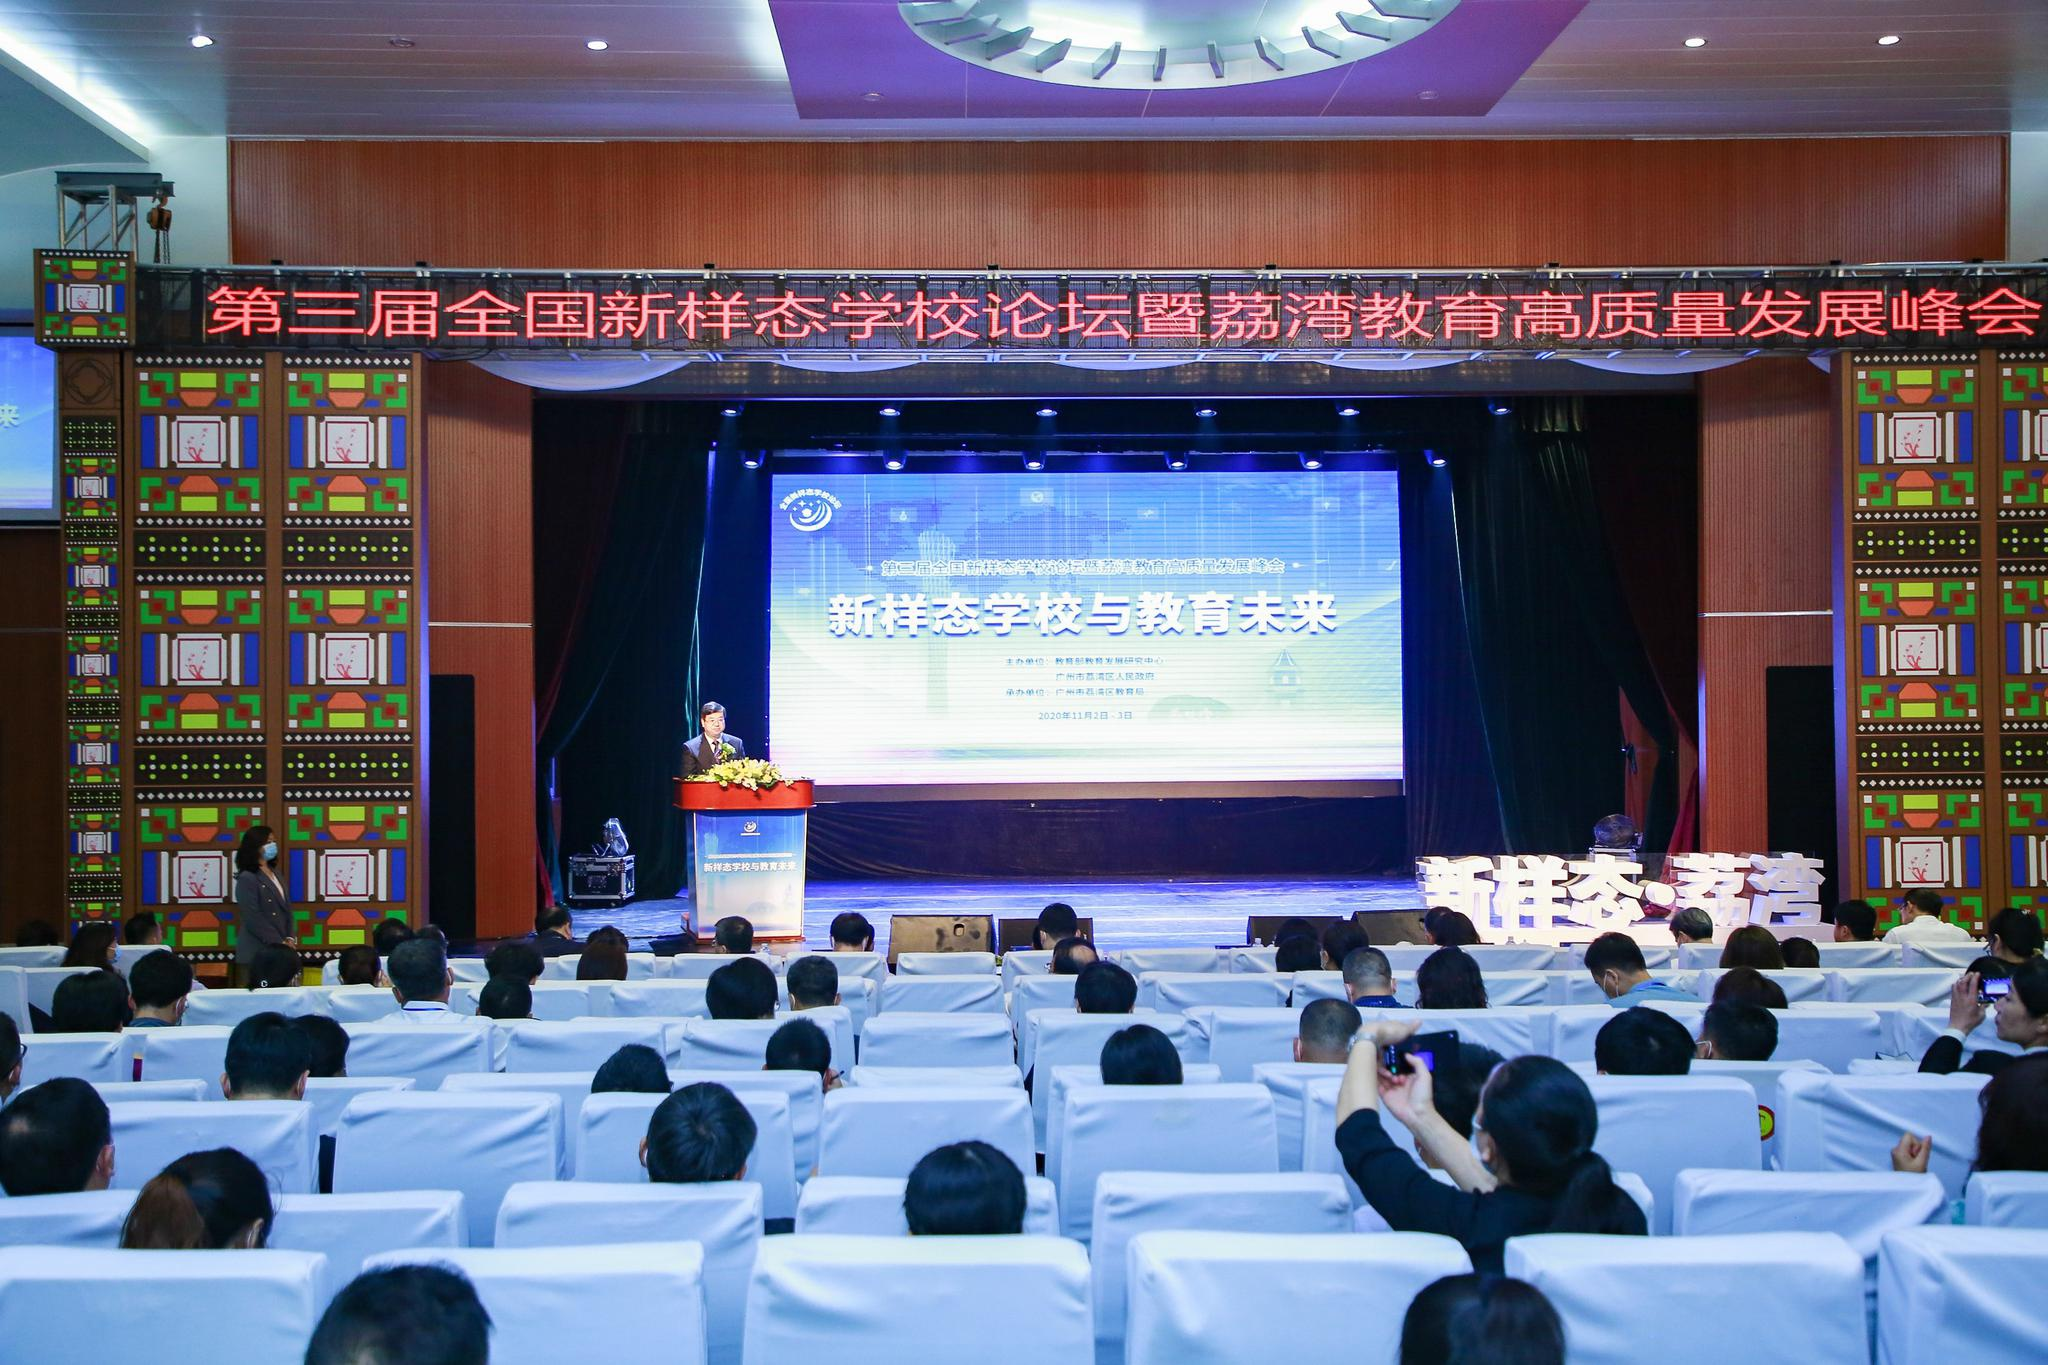 第三届新样态学校论坛暨荔湾教育高质量峰会在广州荔湾举行